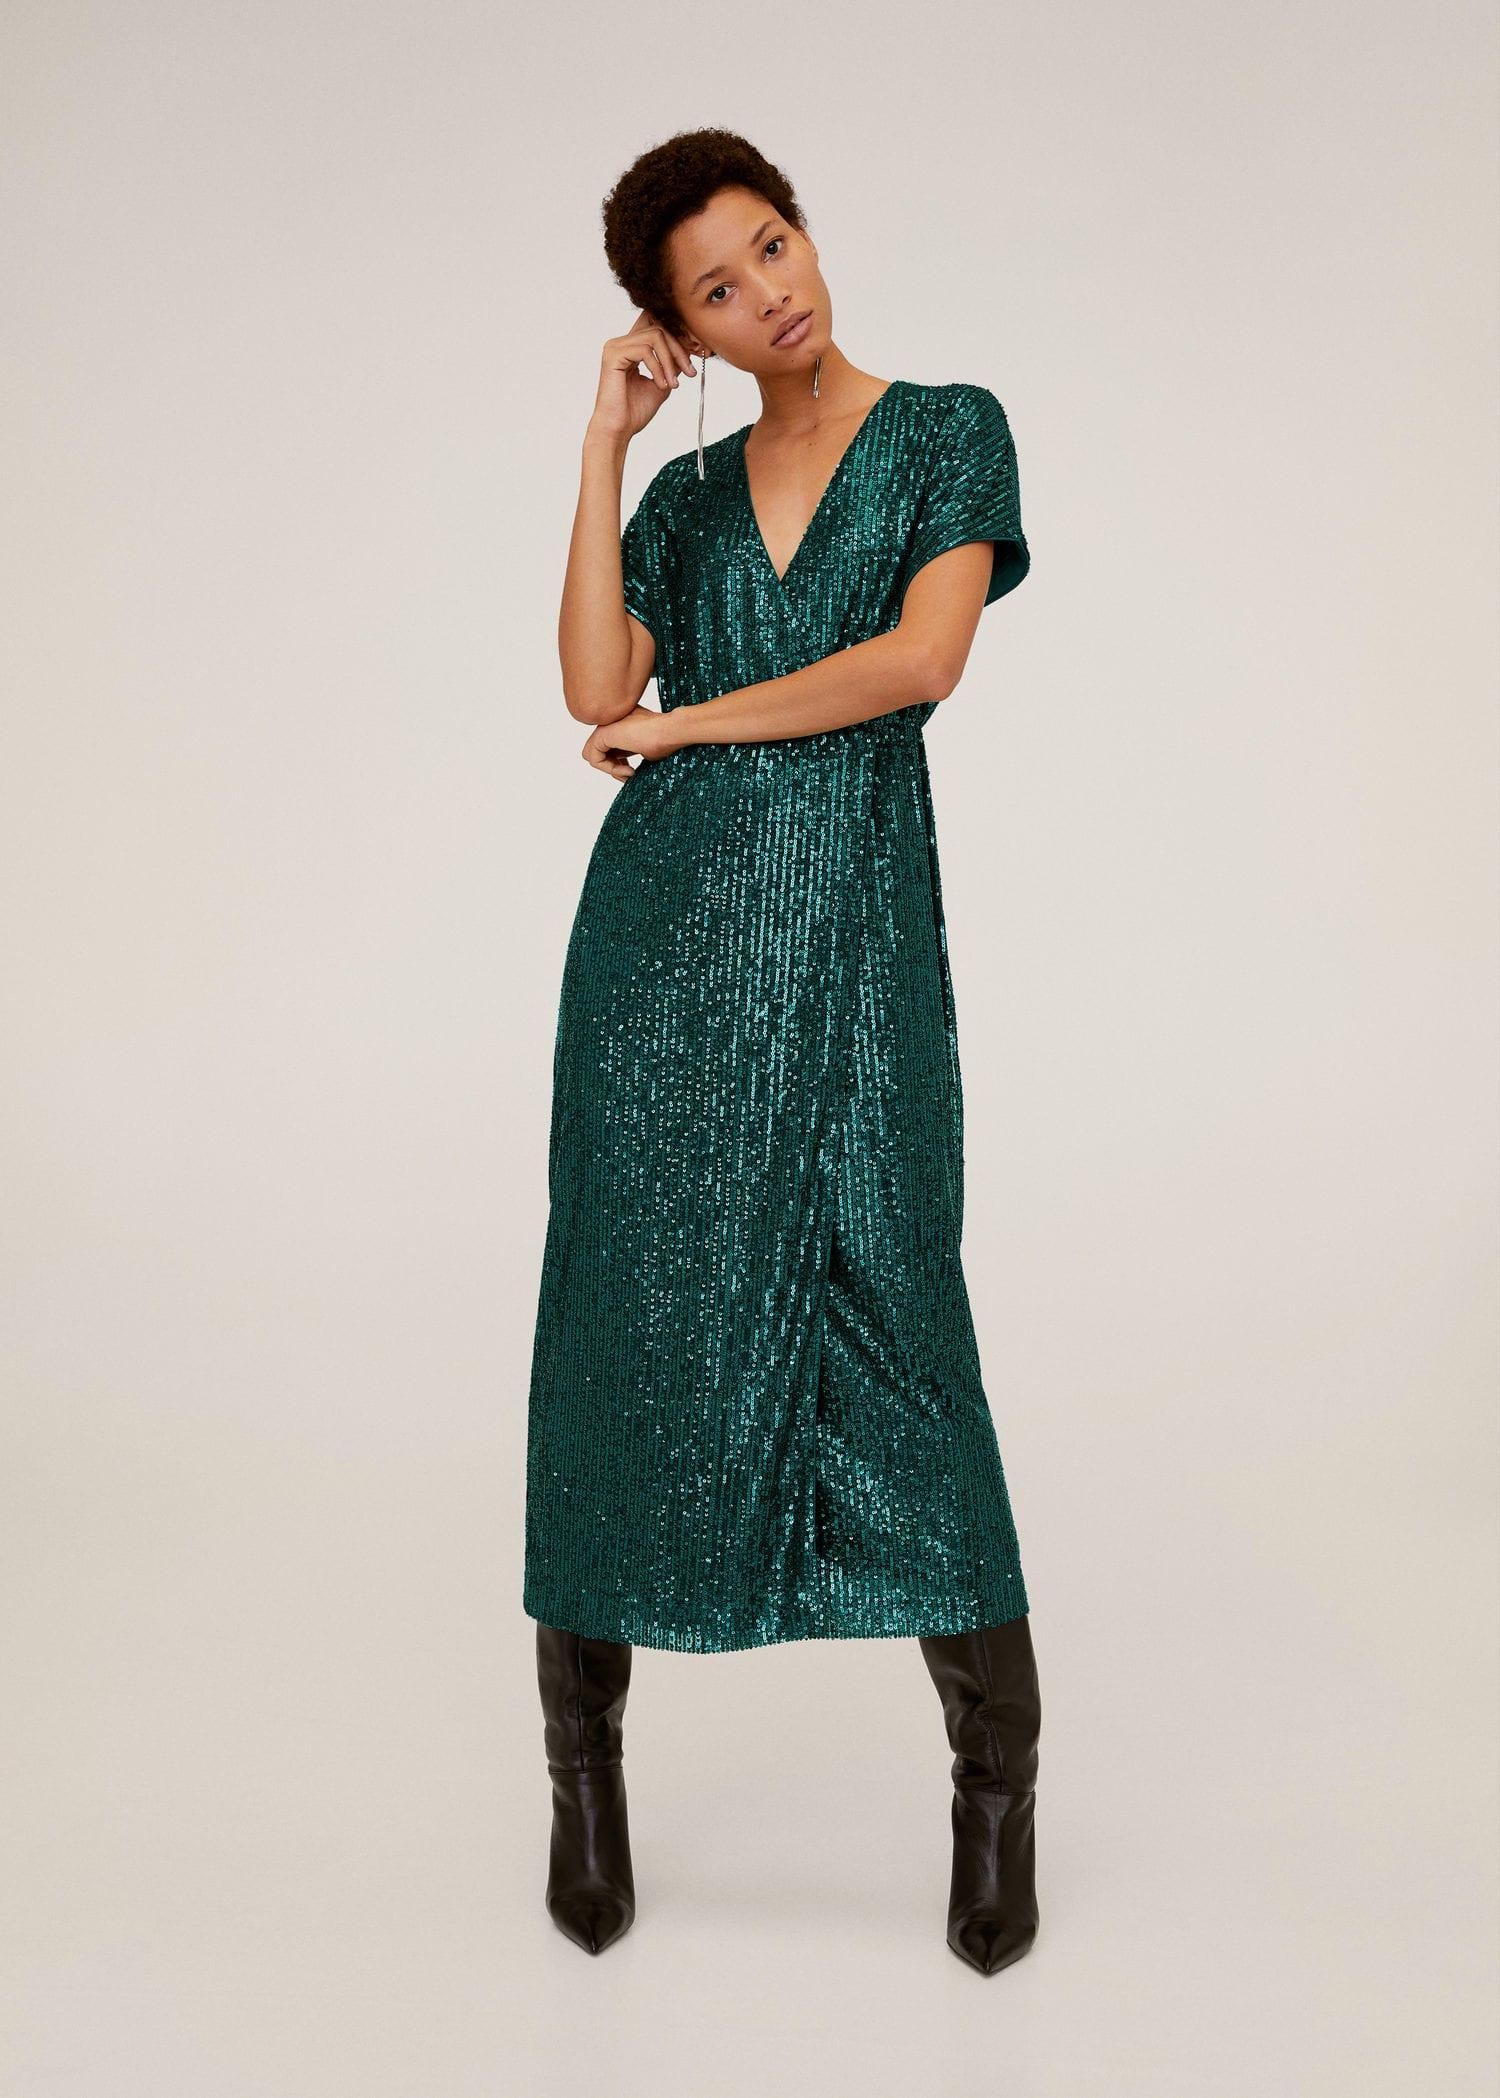 Długa sukienka Nowa kolekcja dla Kobieta | OUTLET Polska